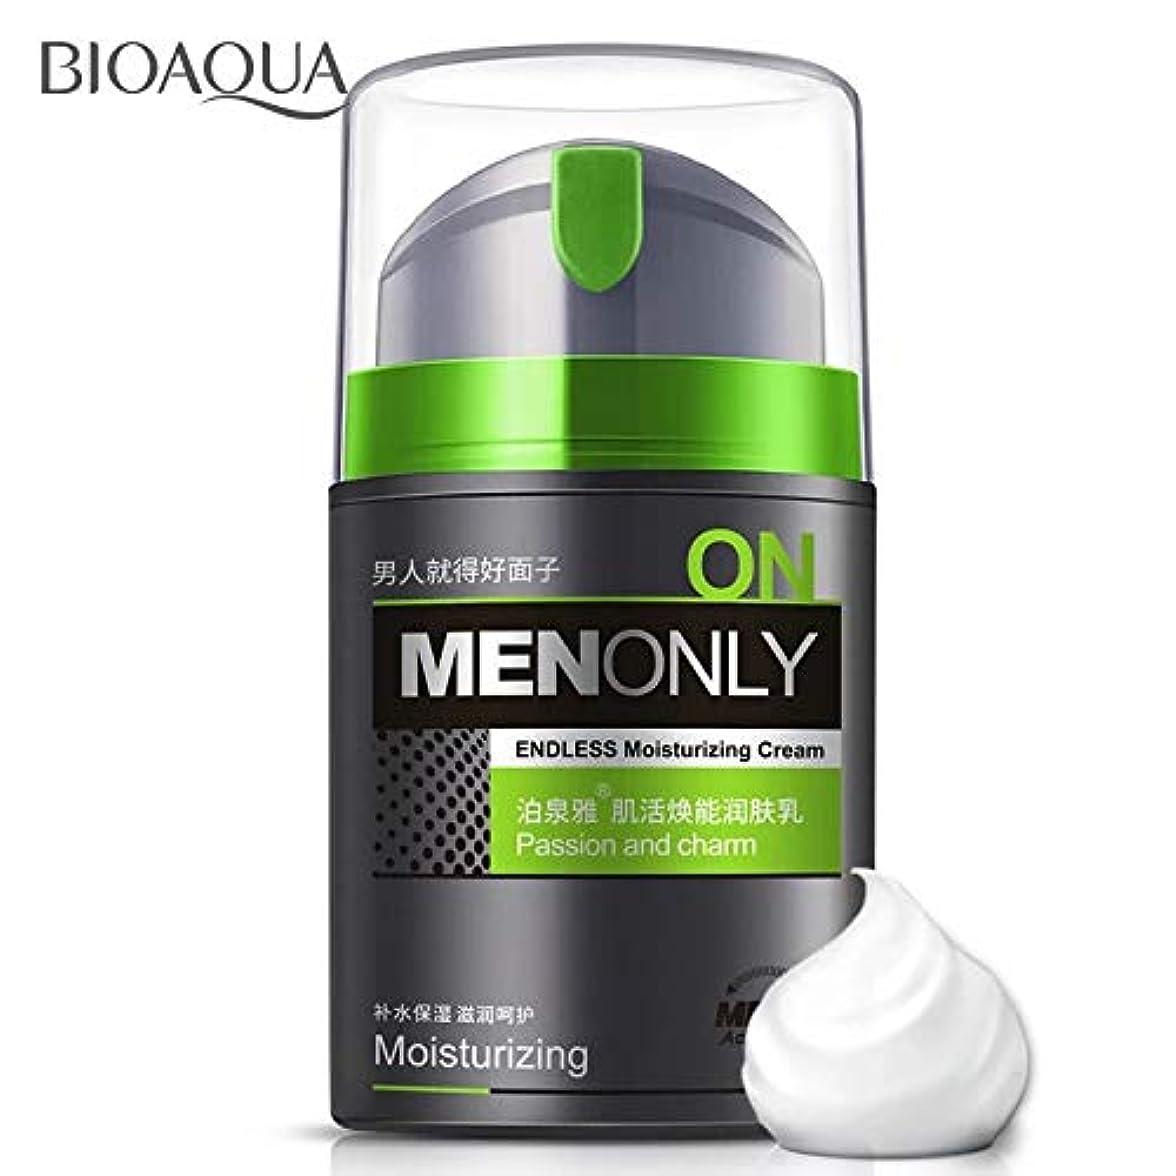 対話彼ら有料BIOAQUA男性保湿オイルコントロールフェイスクリームアンチリンクルデイクリーム寧ケア